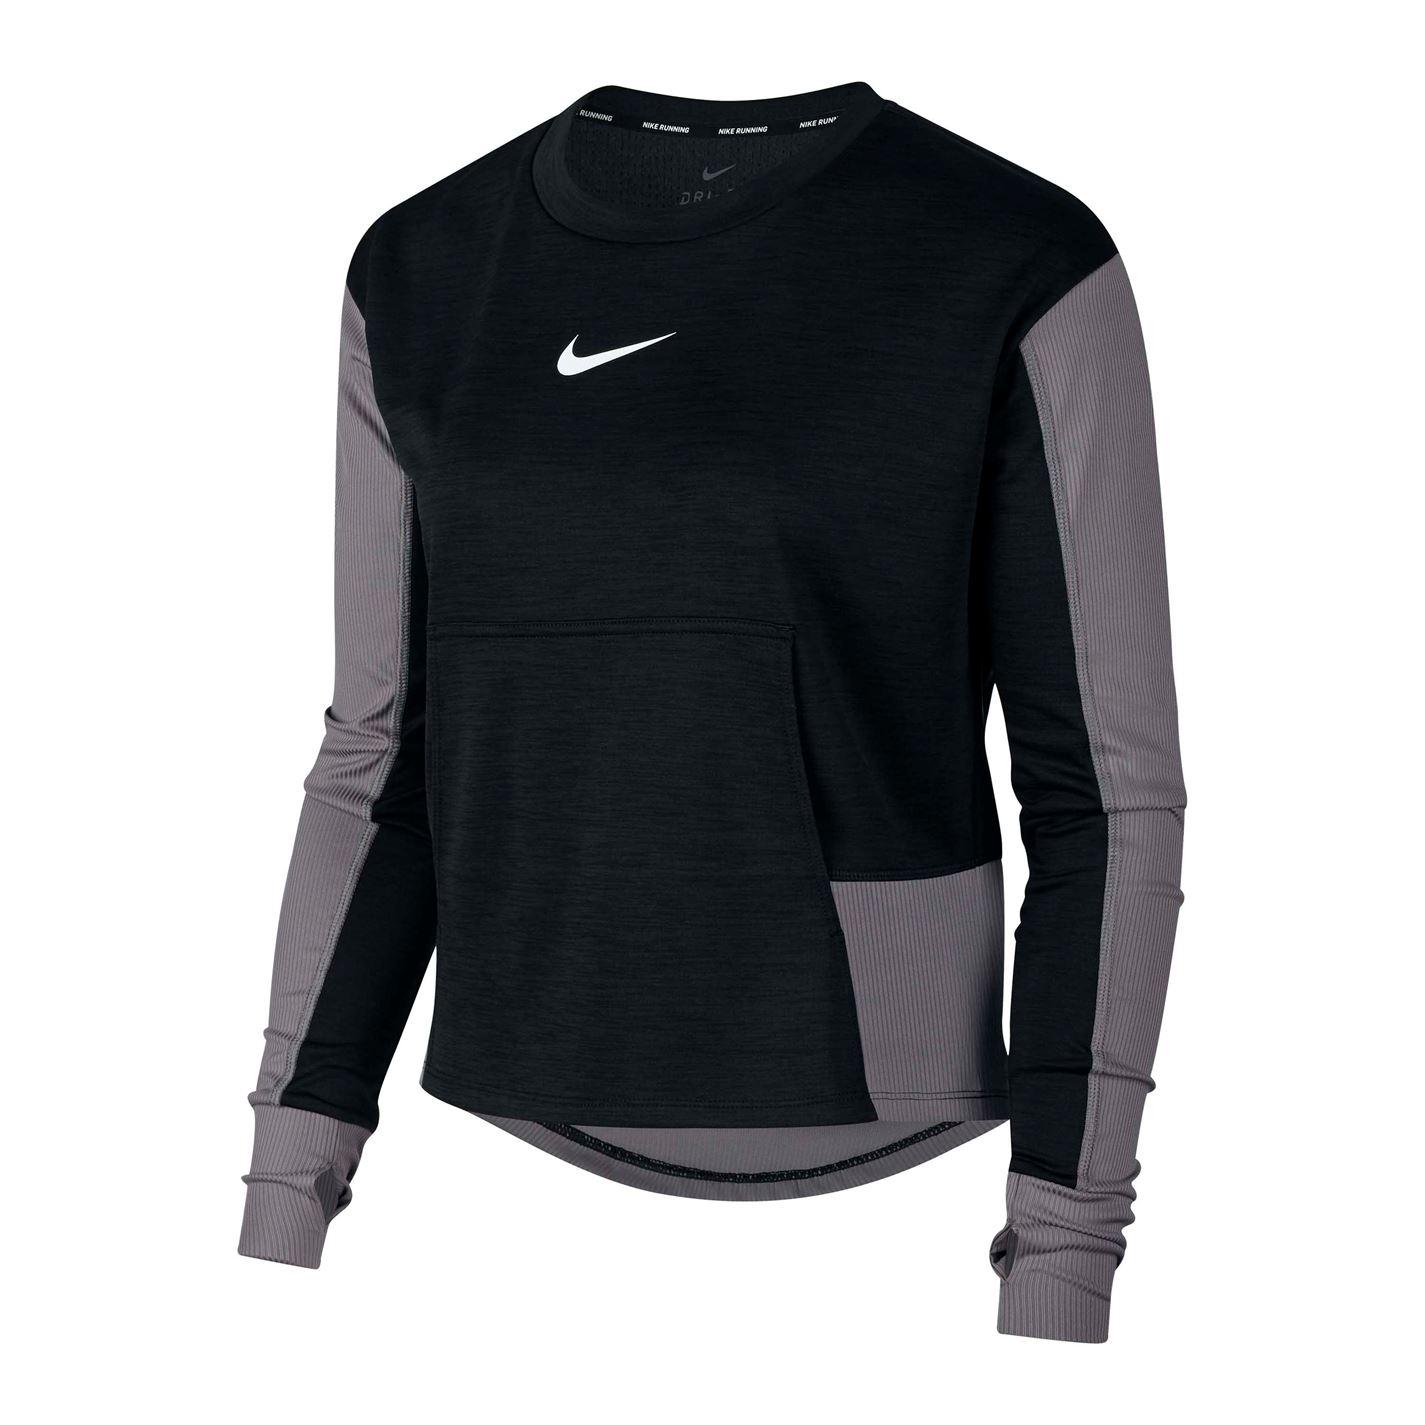 Triko Nike Pacer Long Sleeve Top dámske